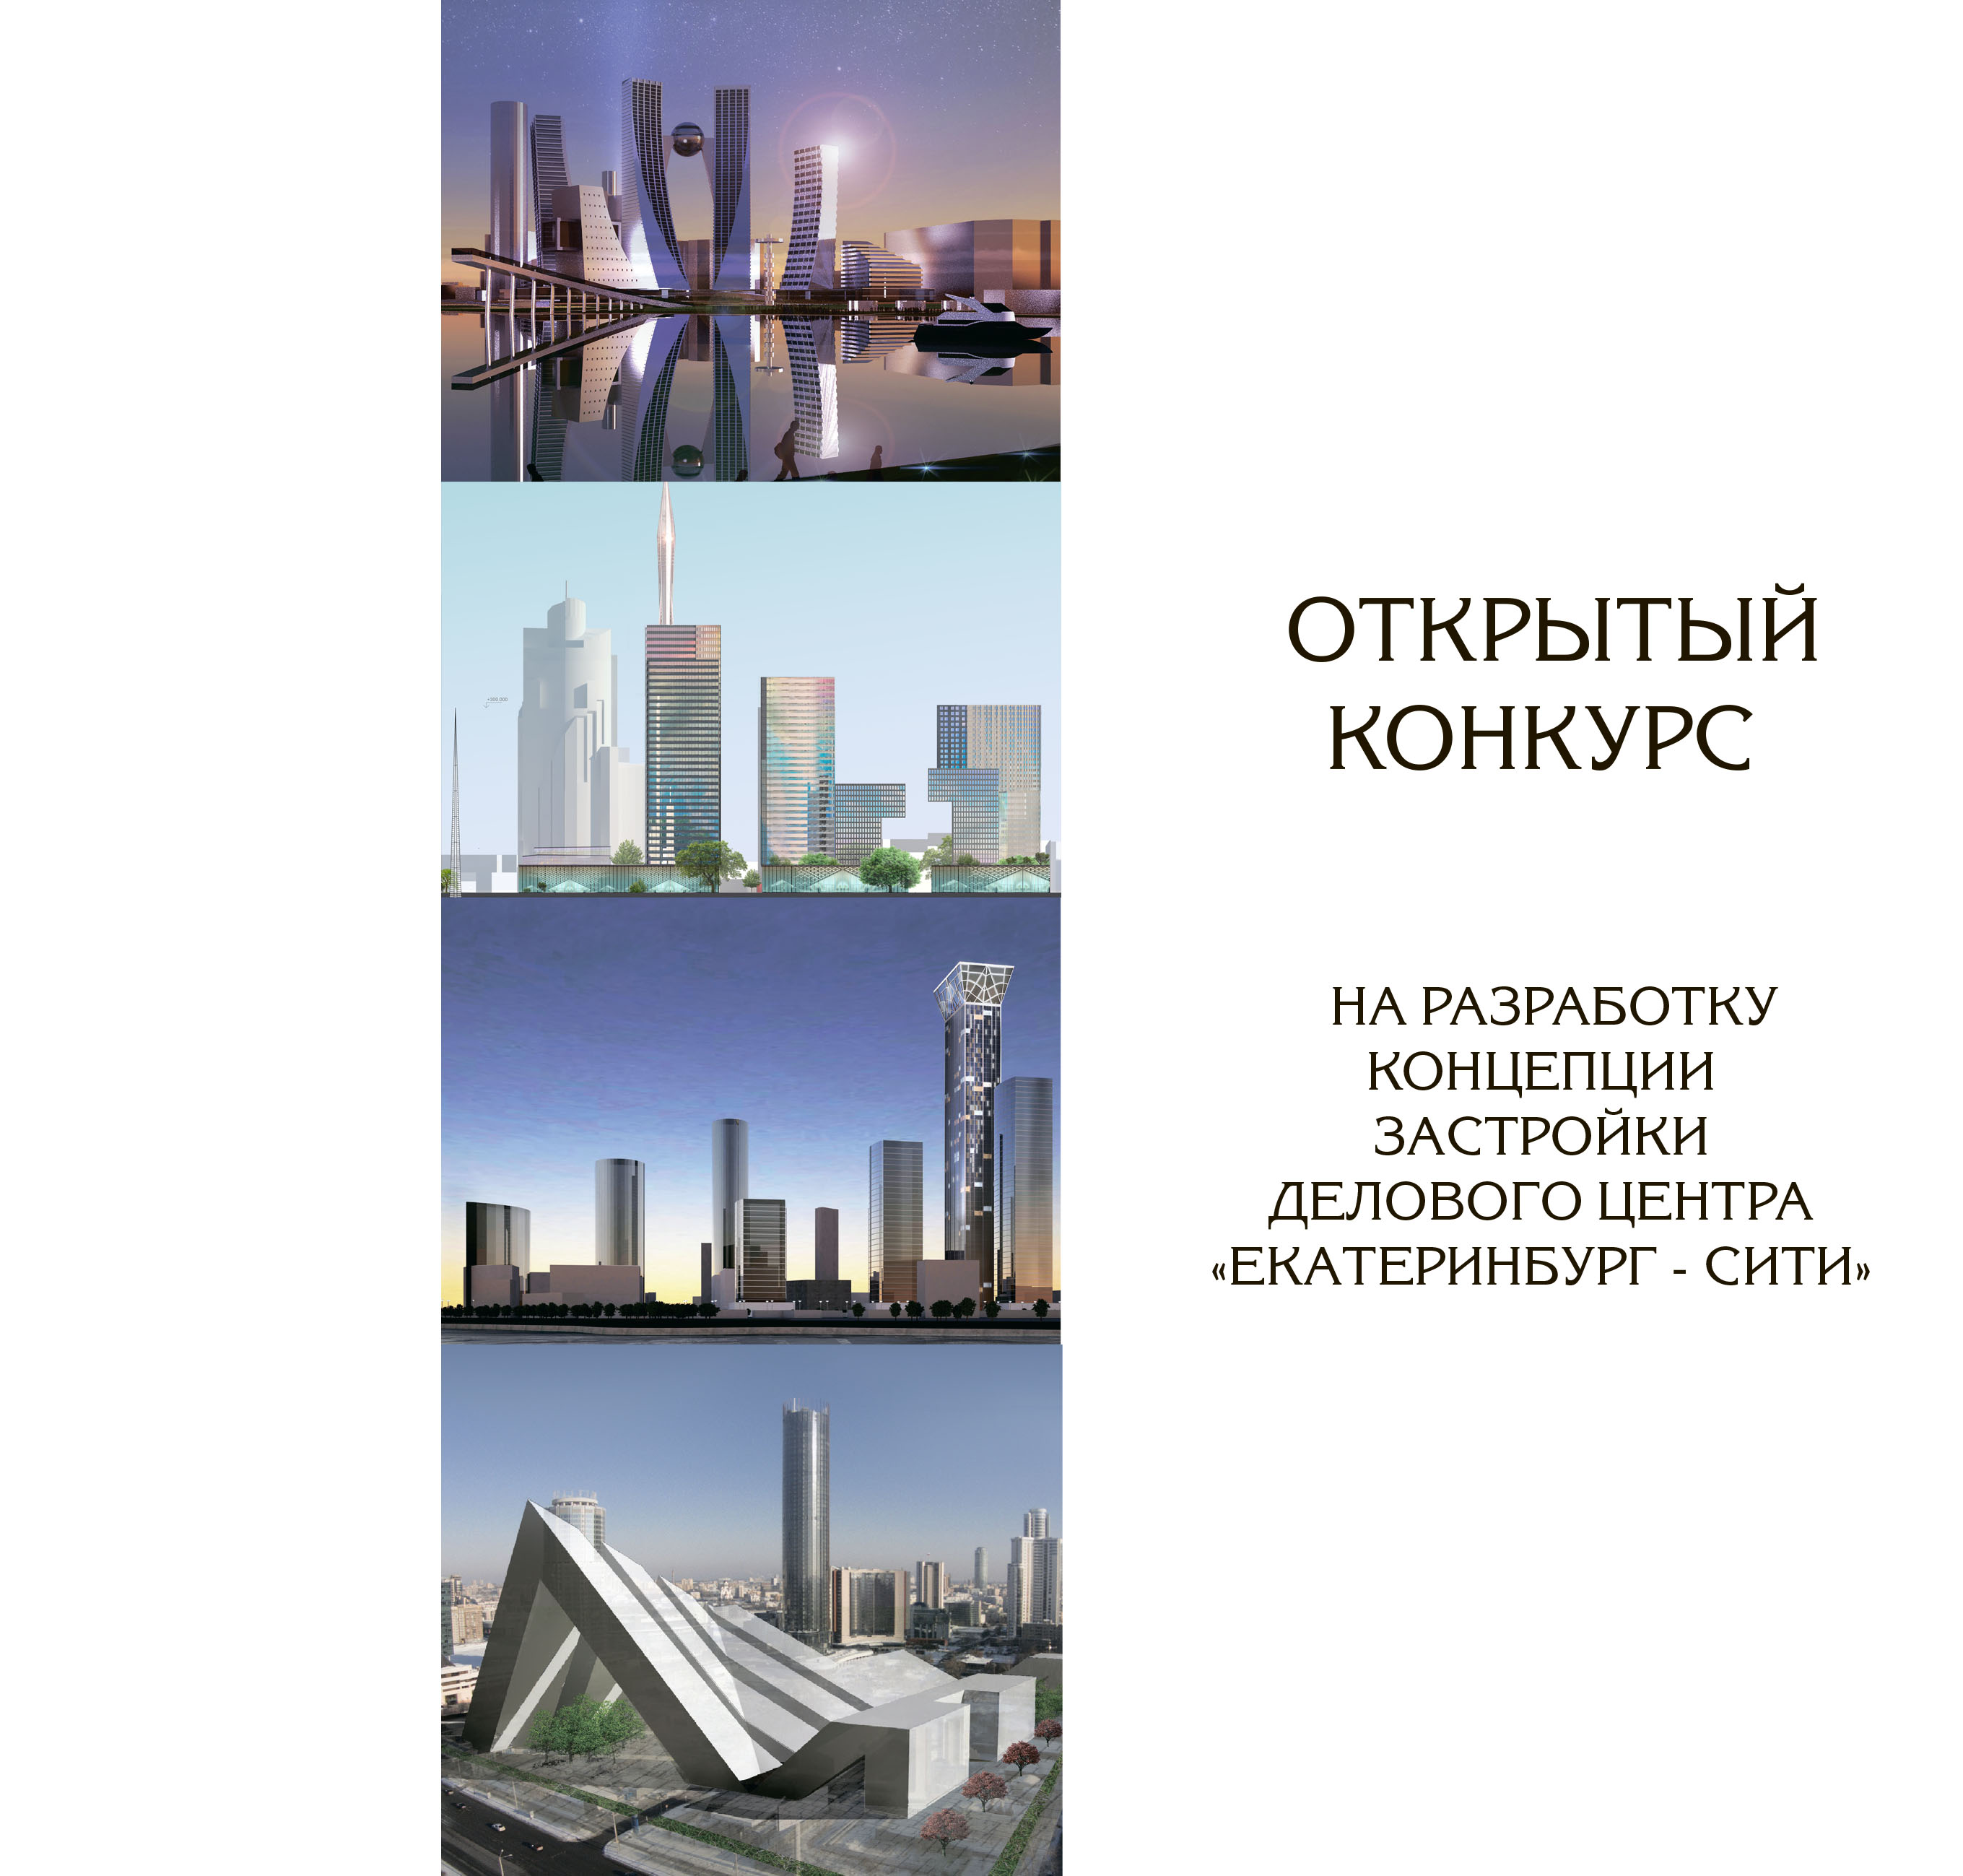 Вышел в свет сборник студенческих проектов по конкурсу «Екатеринбург-СИТИ»